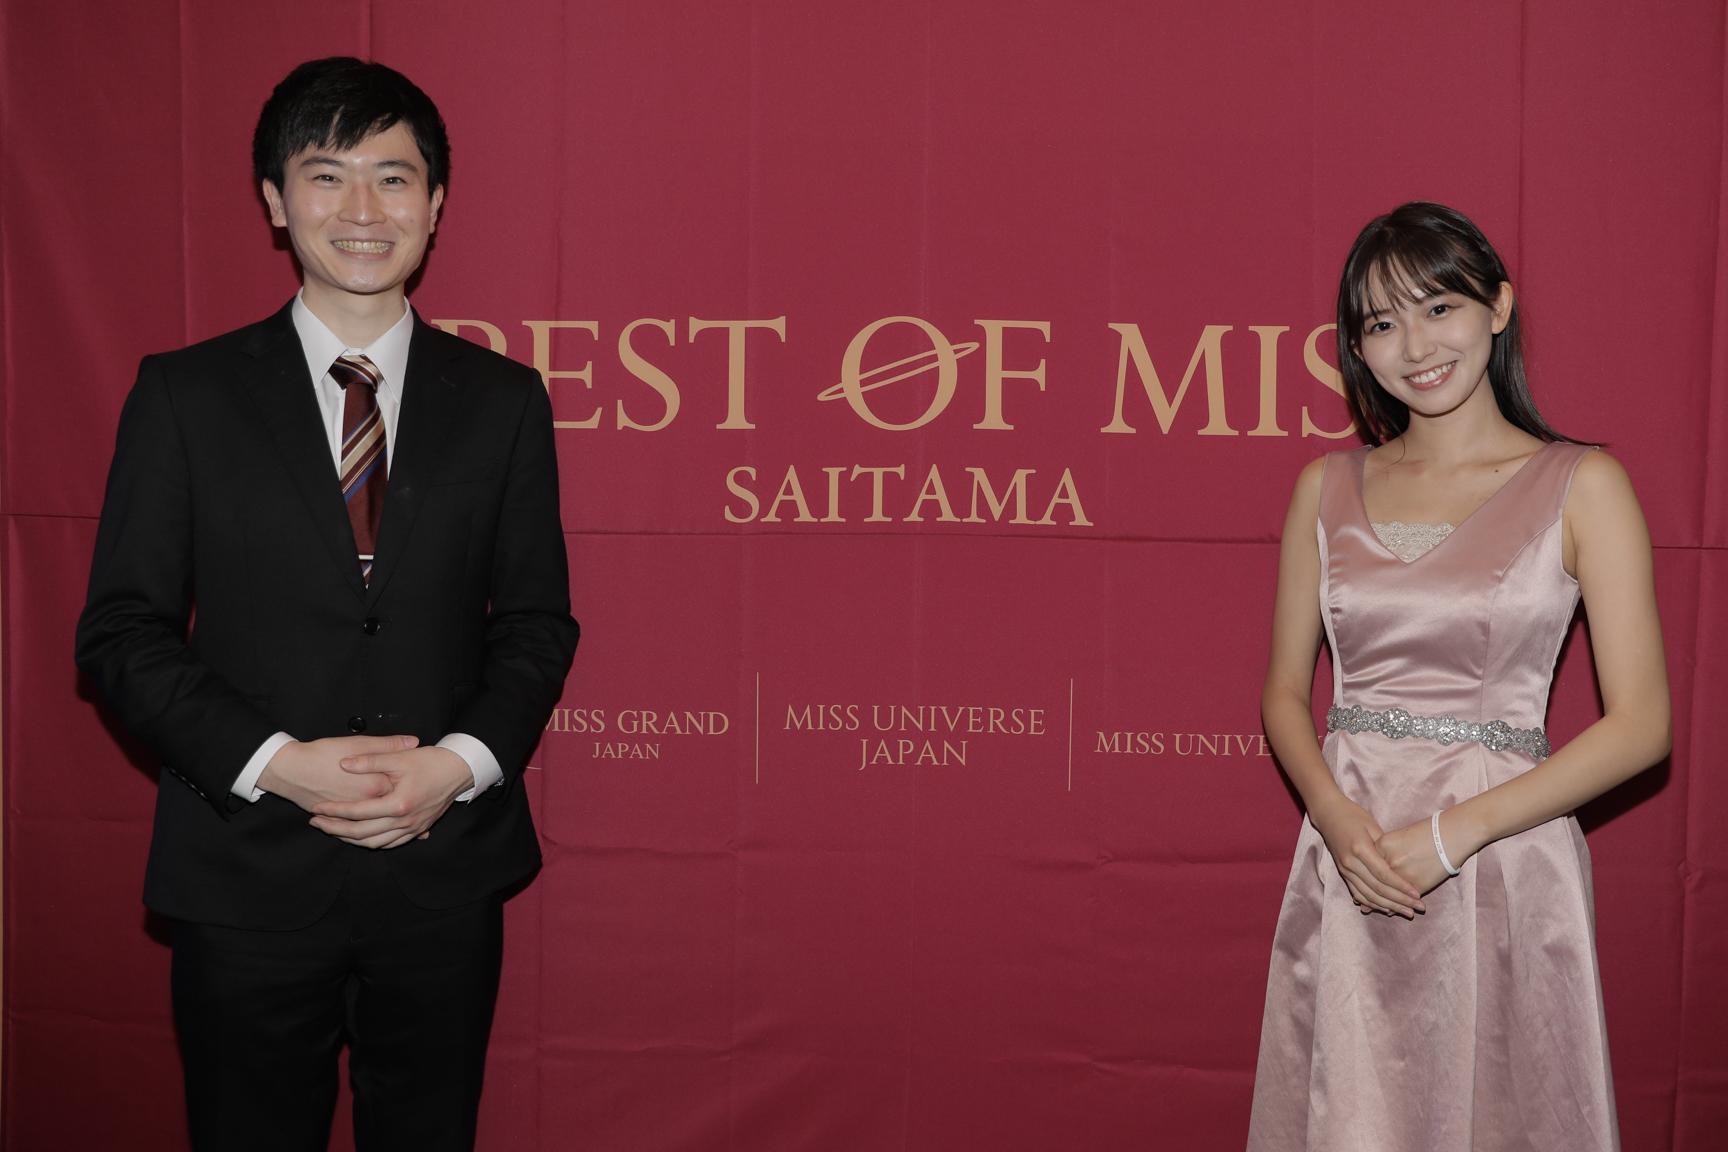 司会:左から佐々木一朗さん、志田音々さん 現役大学生2名による爽やかなMC